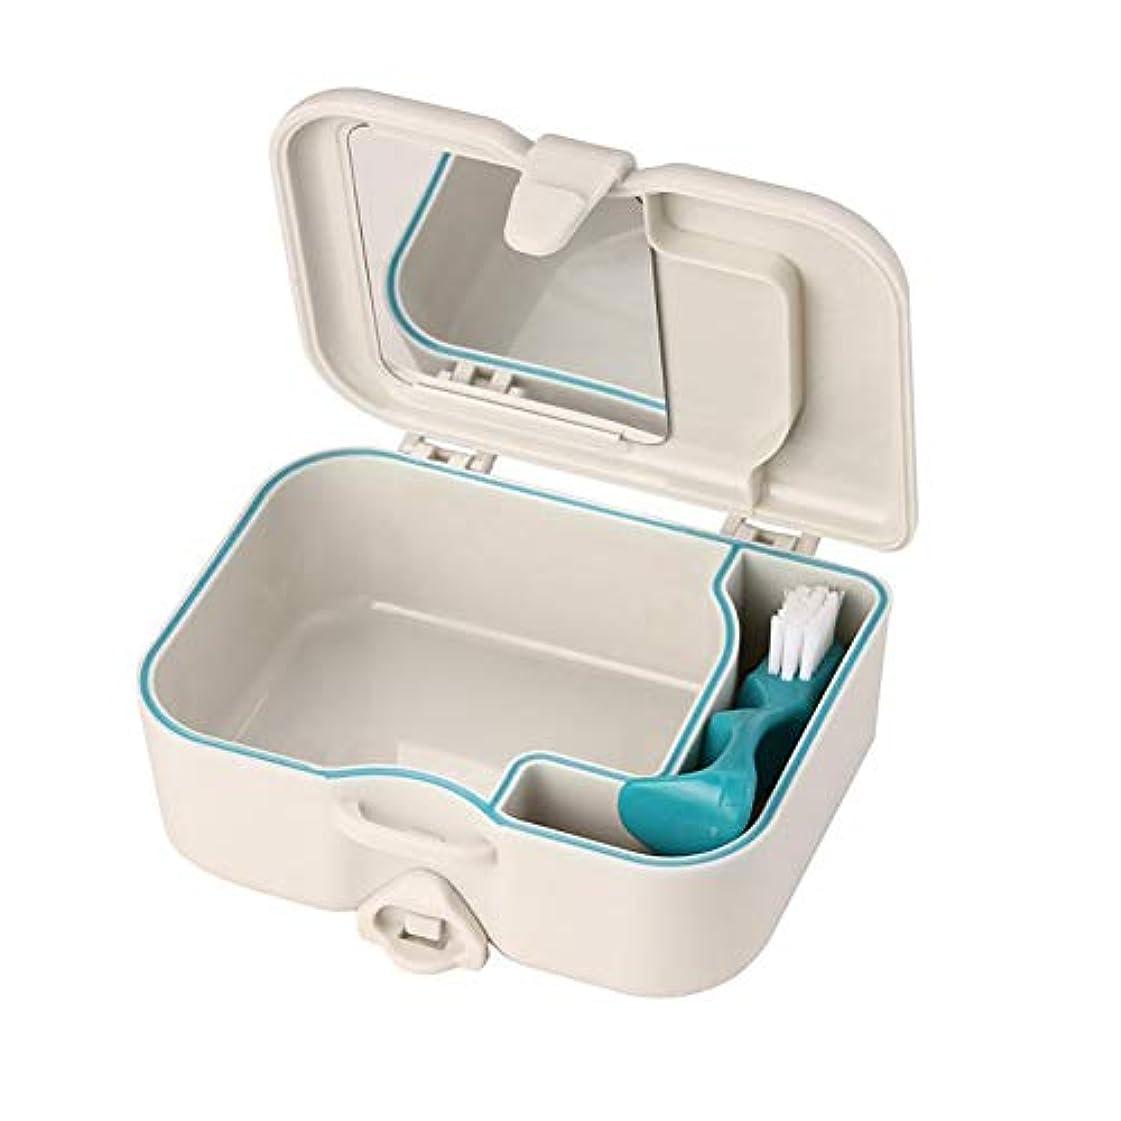 悪魔クロール肌Cozyswan 義歯用収納ボックス 鏡とブラシ付 ポータブル 取り外し可能 お手入れ簡単 抗菌 防水加工 漏れ防止 家庭 旅行 出張 携帯便利